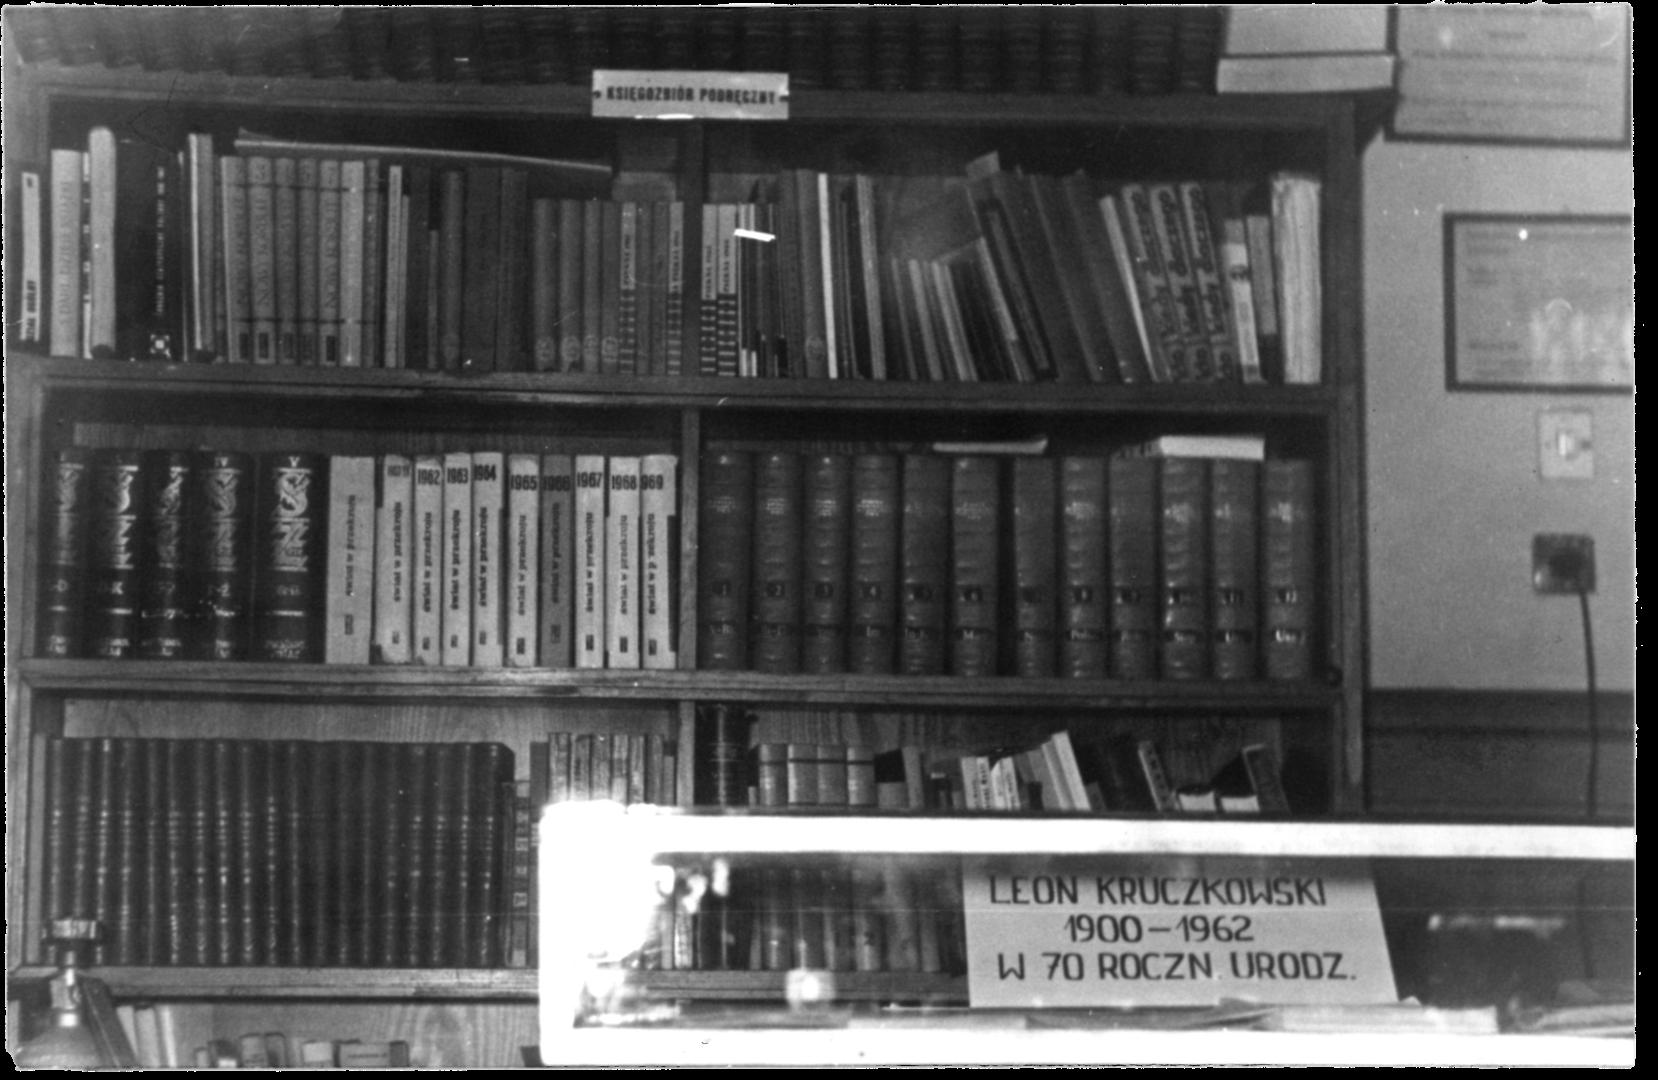 Księgozbiór podręczny w 1975 r. regał z książkami